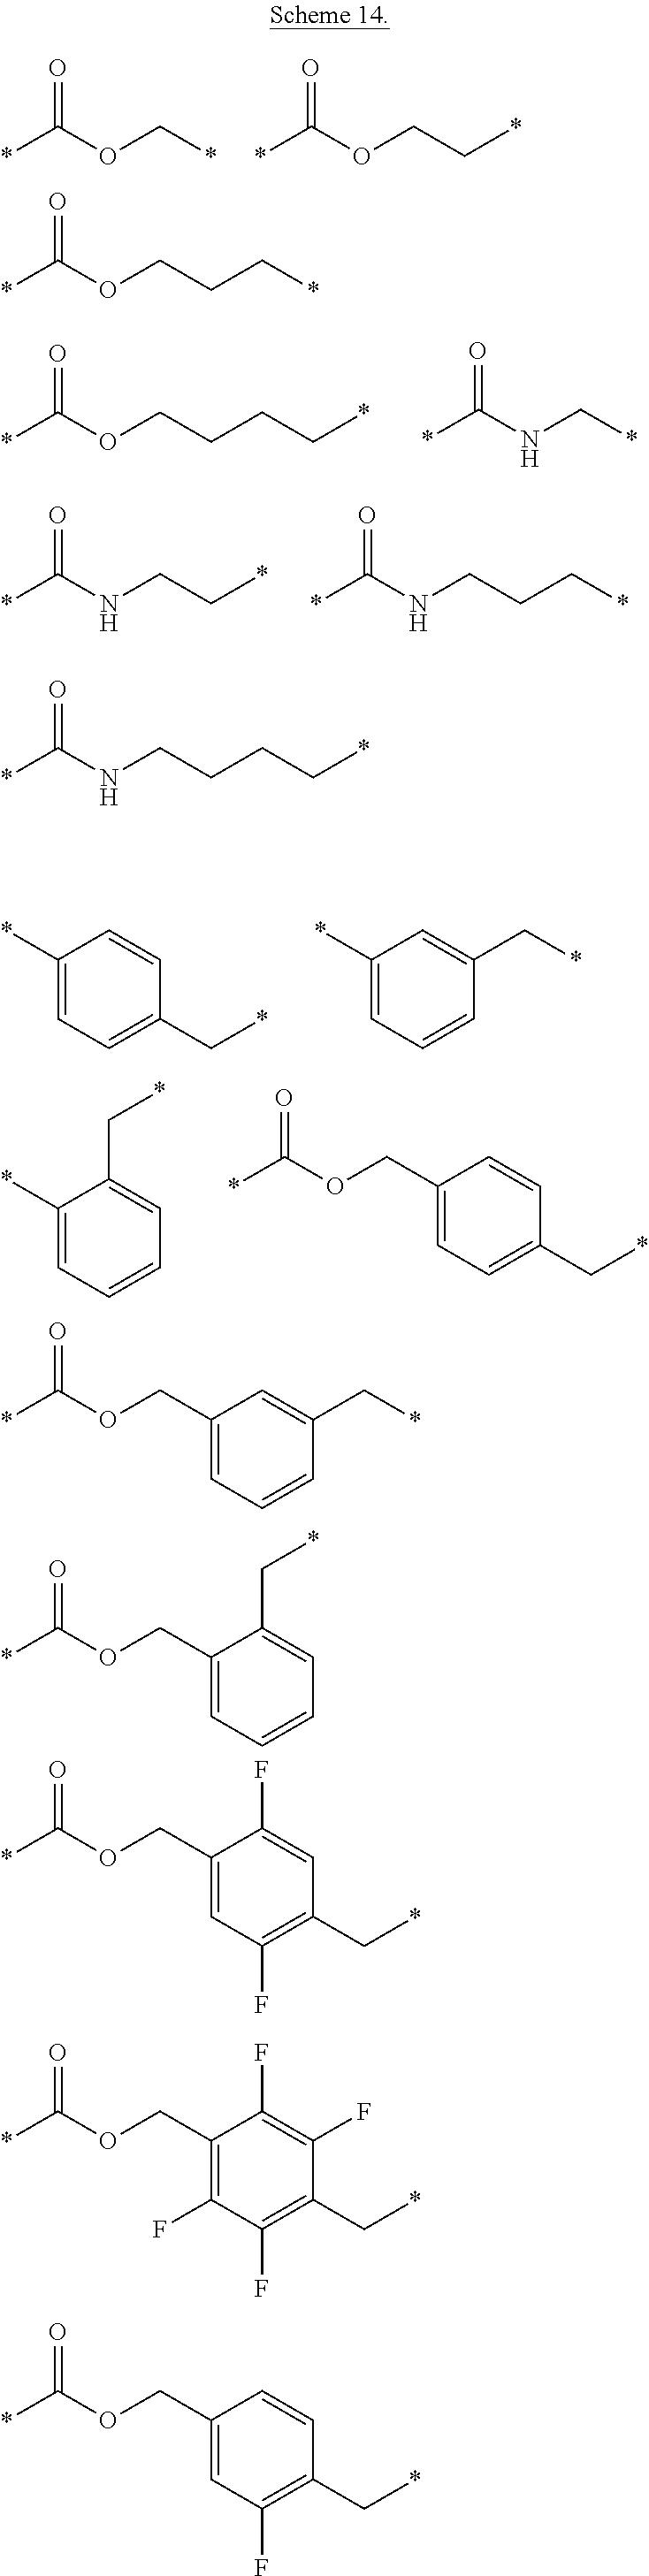 Figure US09574107-20170221-C00032